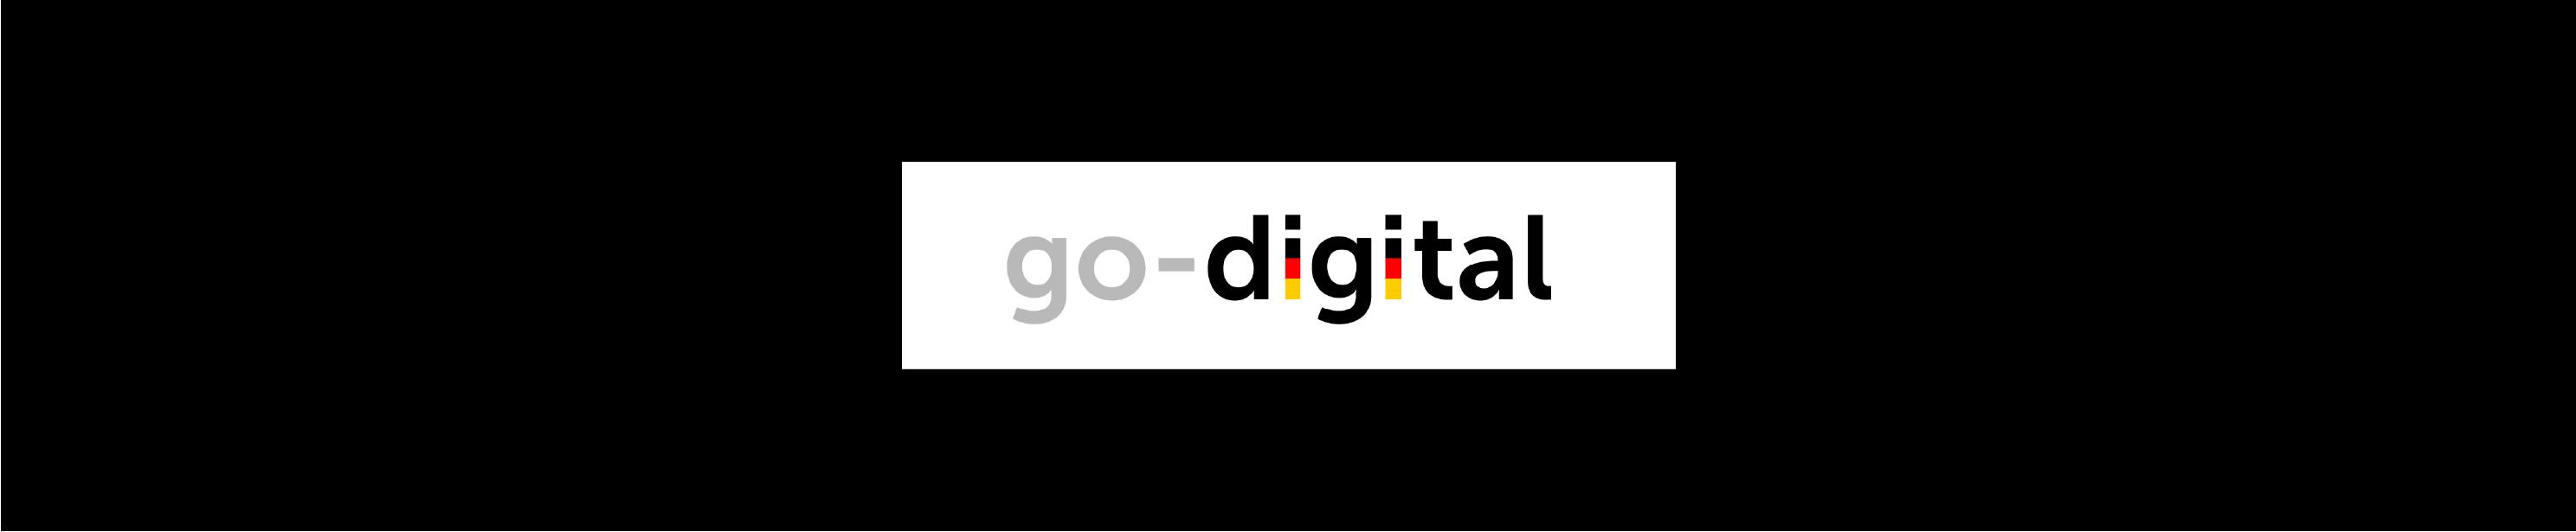 go-digital logo auf schwarzem Untergrund für ein Beratugsunternehmen